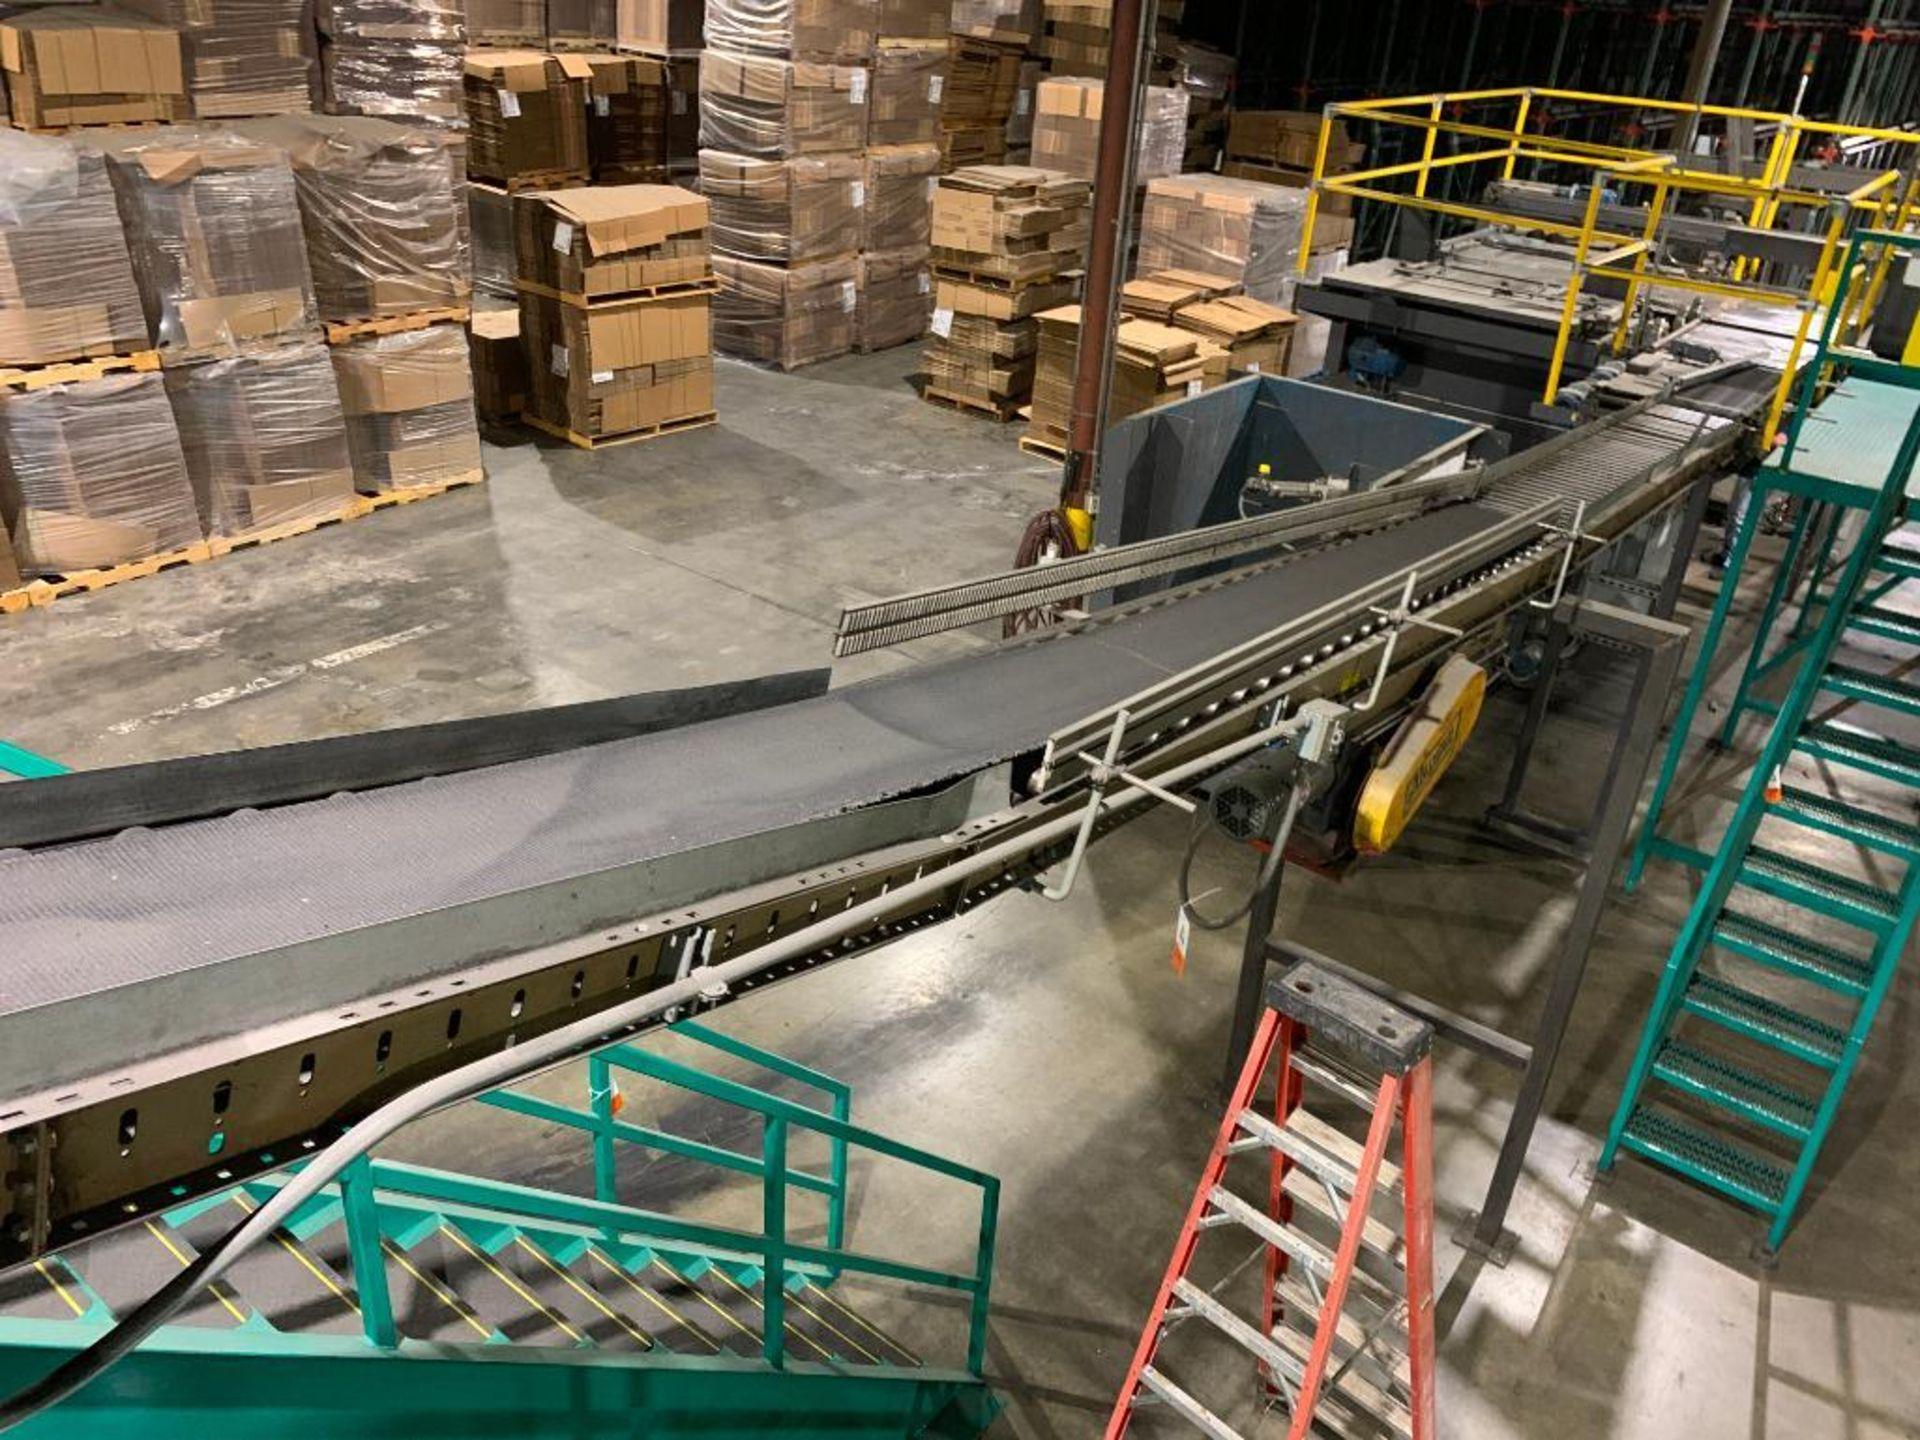 mild steel powered belt conveyor, decline - Image 2 of 14